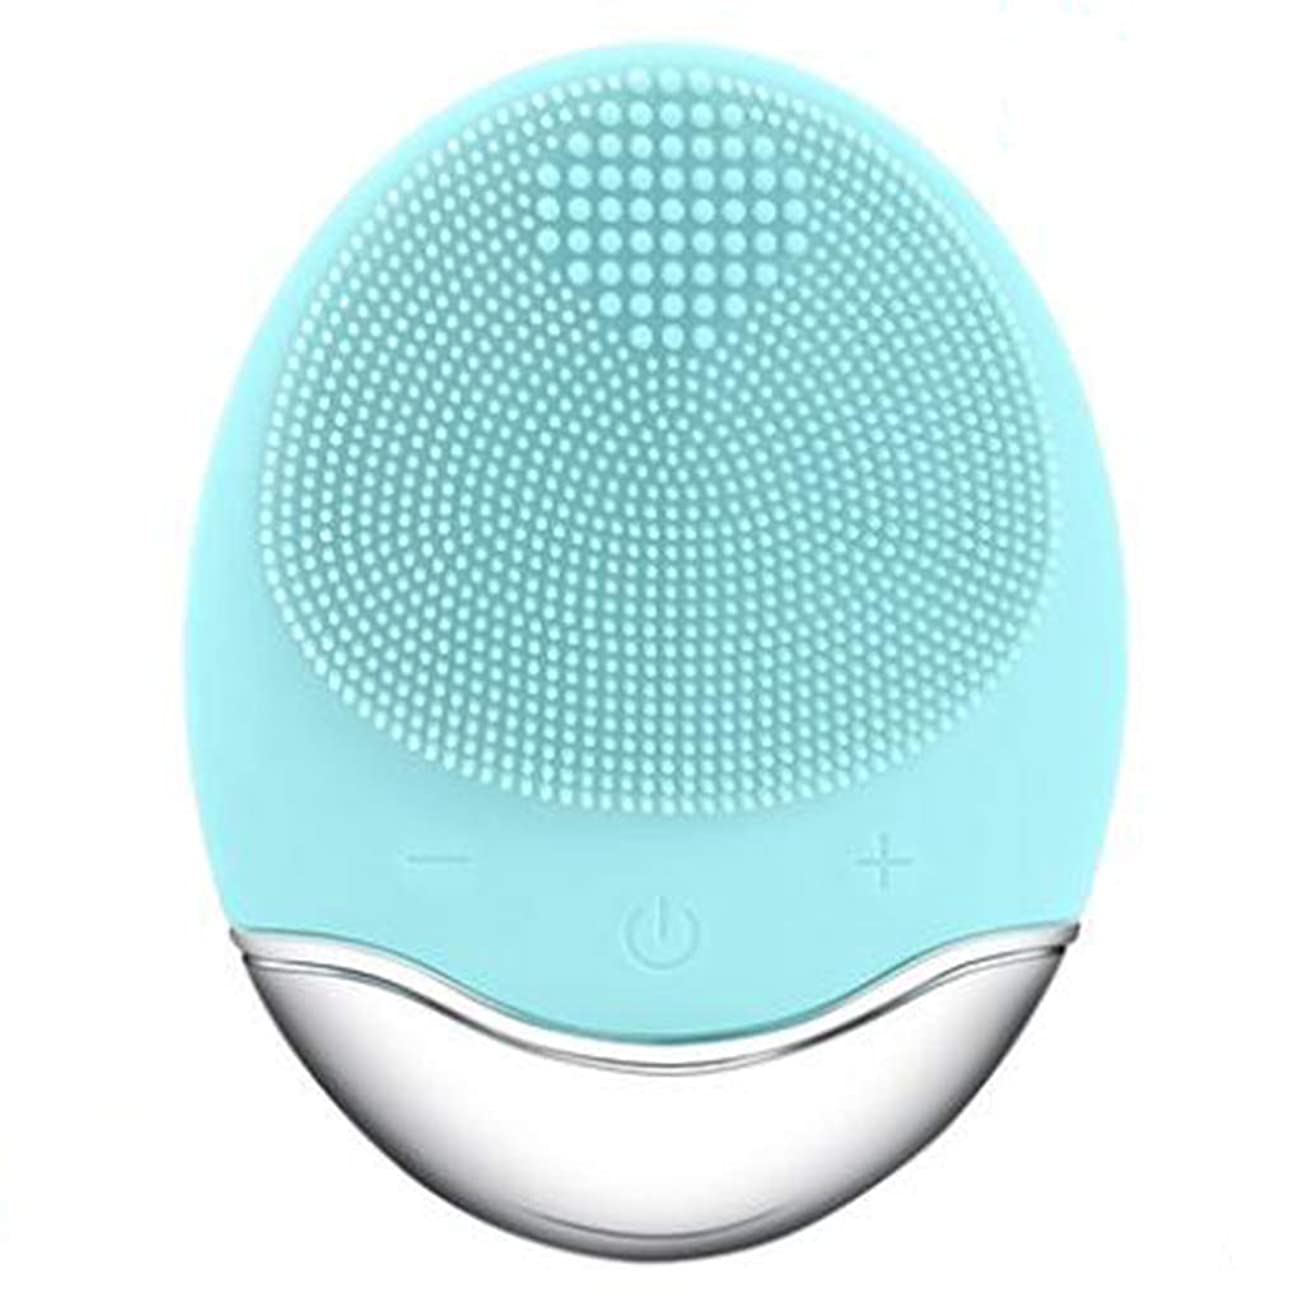 推測出会い不規則なシリコーン電気クレンジング器具、洗顔毛穴クリーナーマッサージフェイス、イントロデューサー + クレンジング器具 (1 つ2個),Green